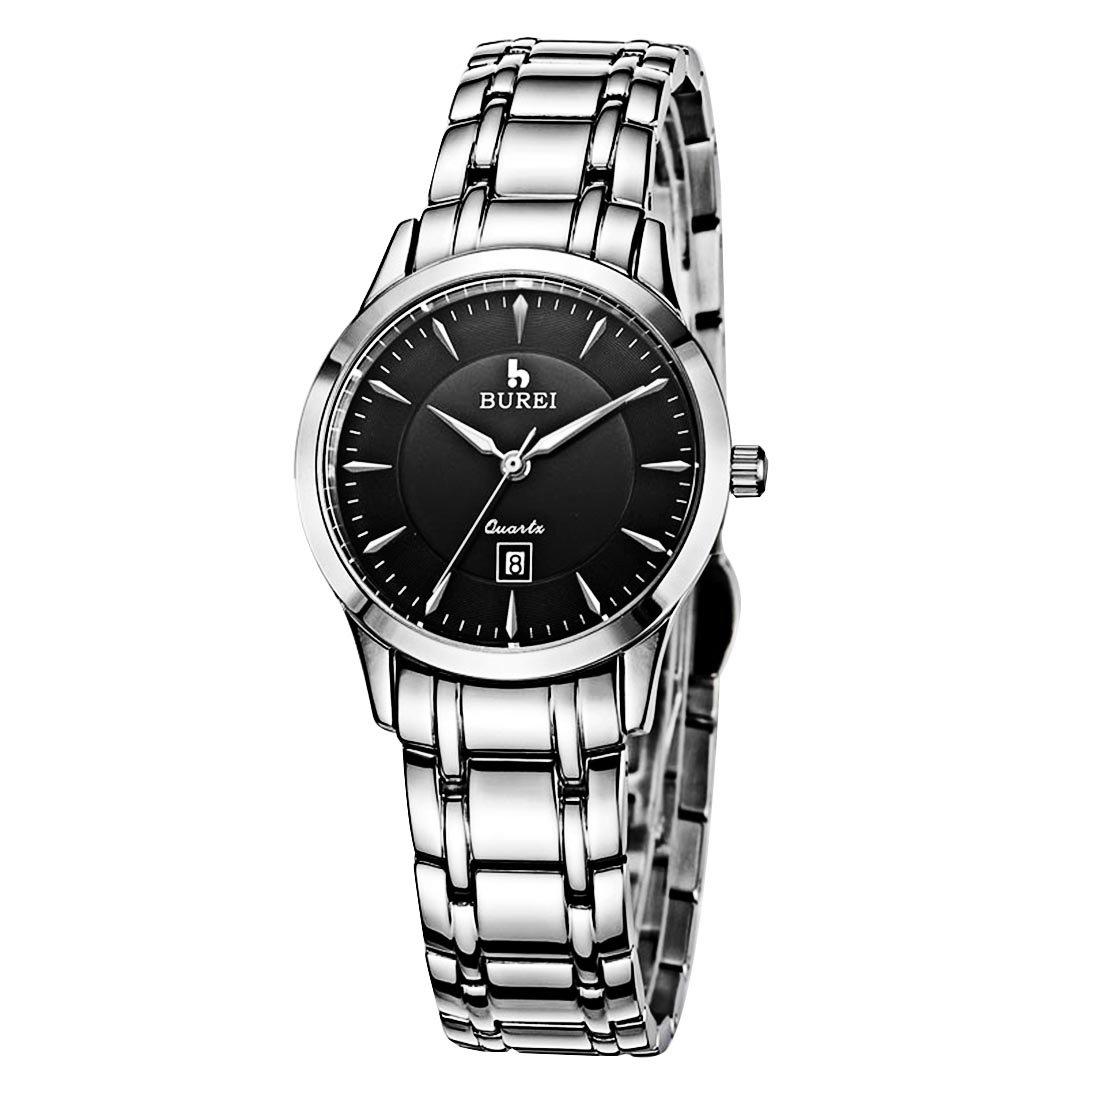 SchÖne Uhren - BUREI 700101 Multifunktionale 3ATM wasserdichte Quarz-Geliebt-Armbanduhr mit Edelstahl-Band u. Saphir-